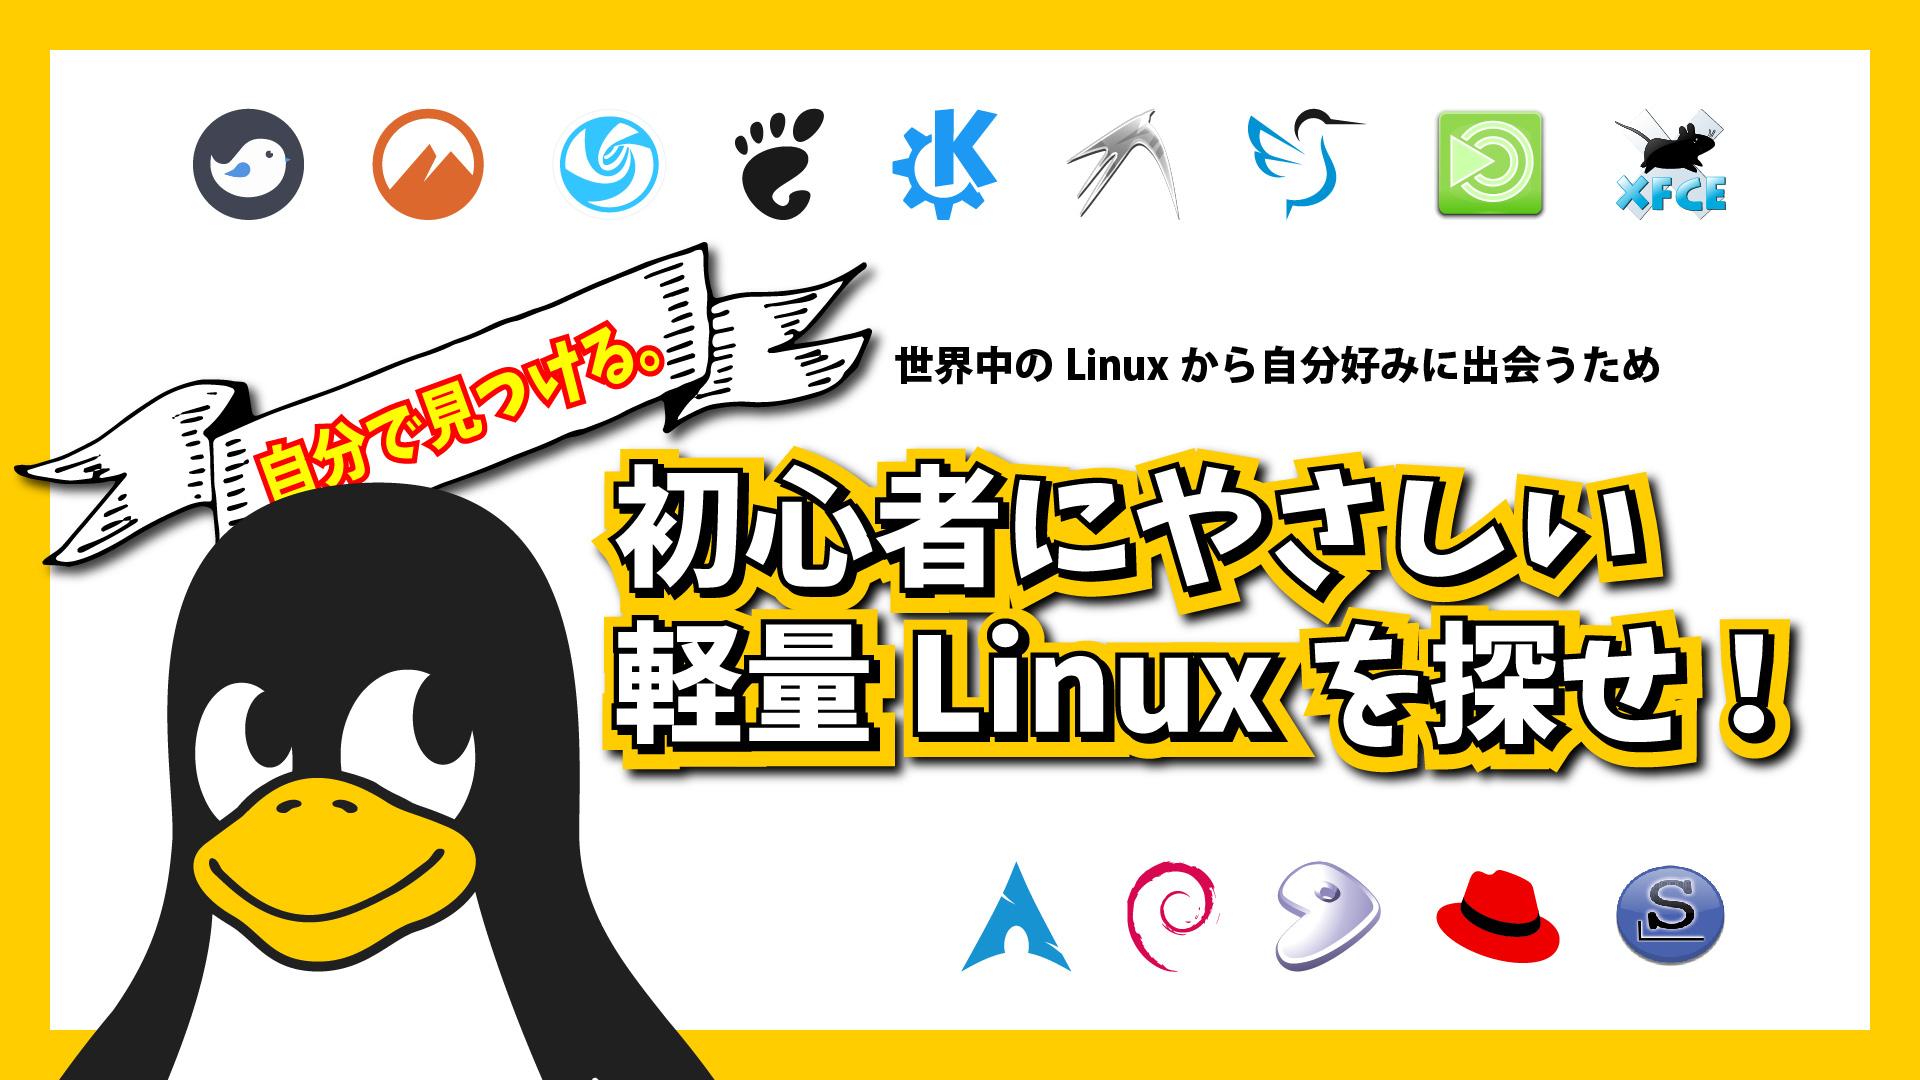 【自分で見つける】初心者にやさしい軽量Linuxを探せ!~世界中のLinuxの中から自分好みに出会うために~